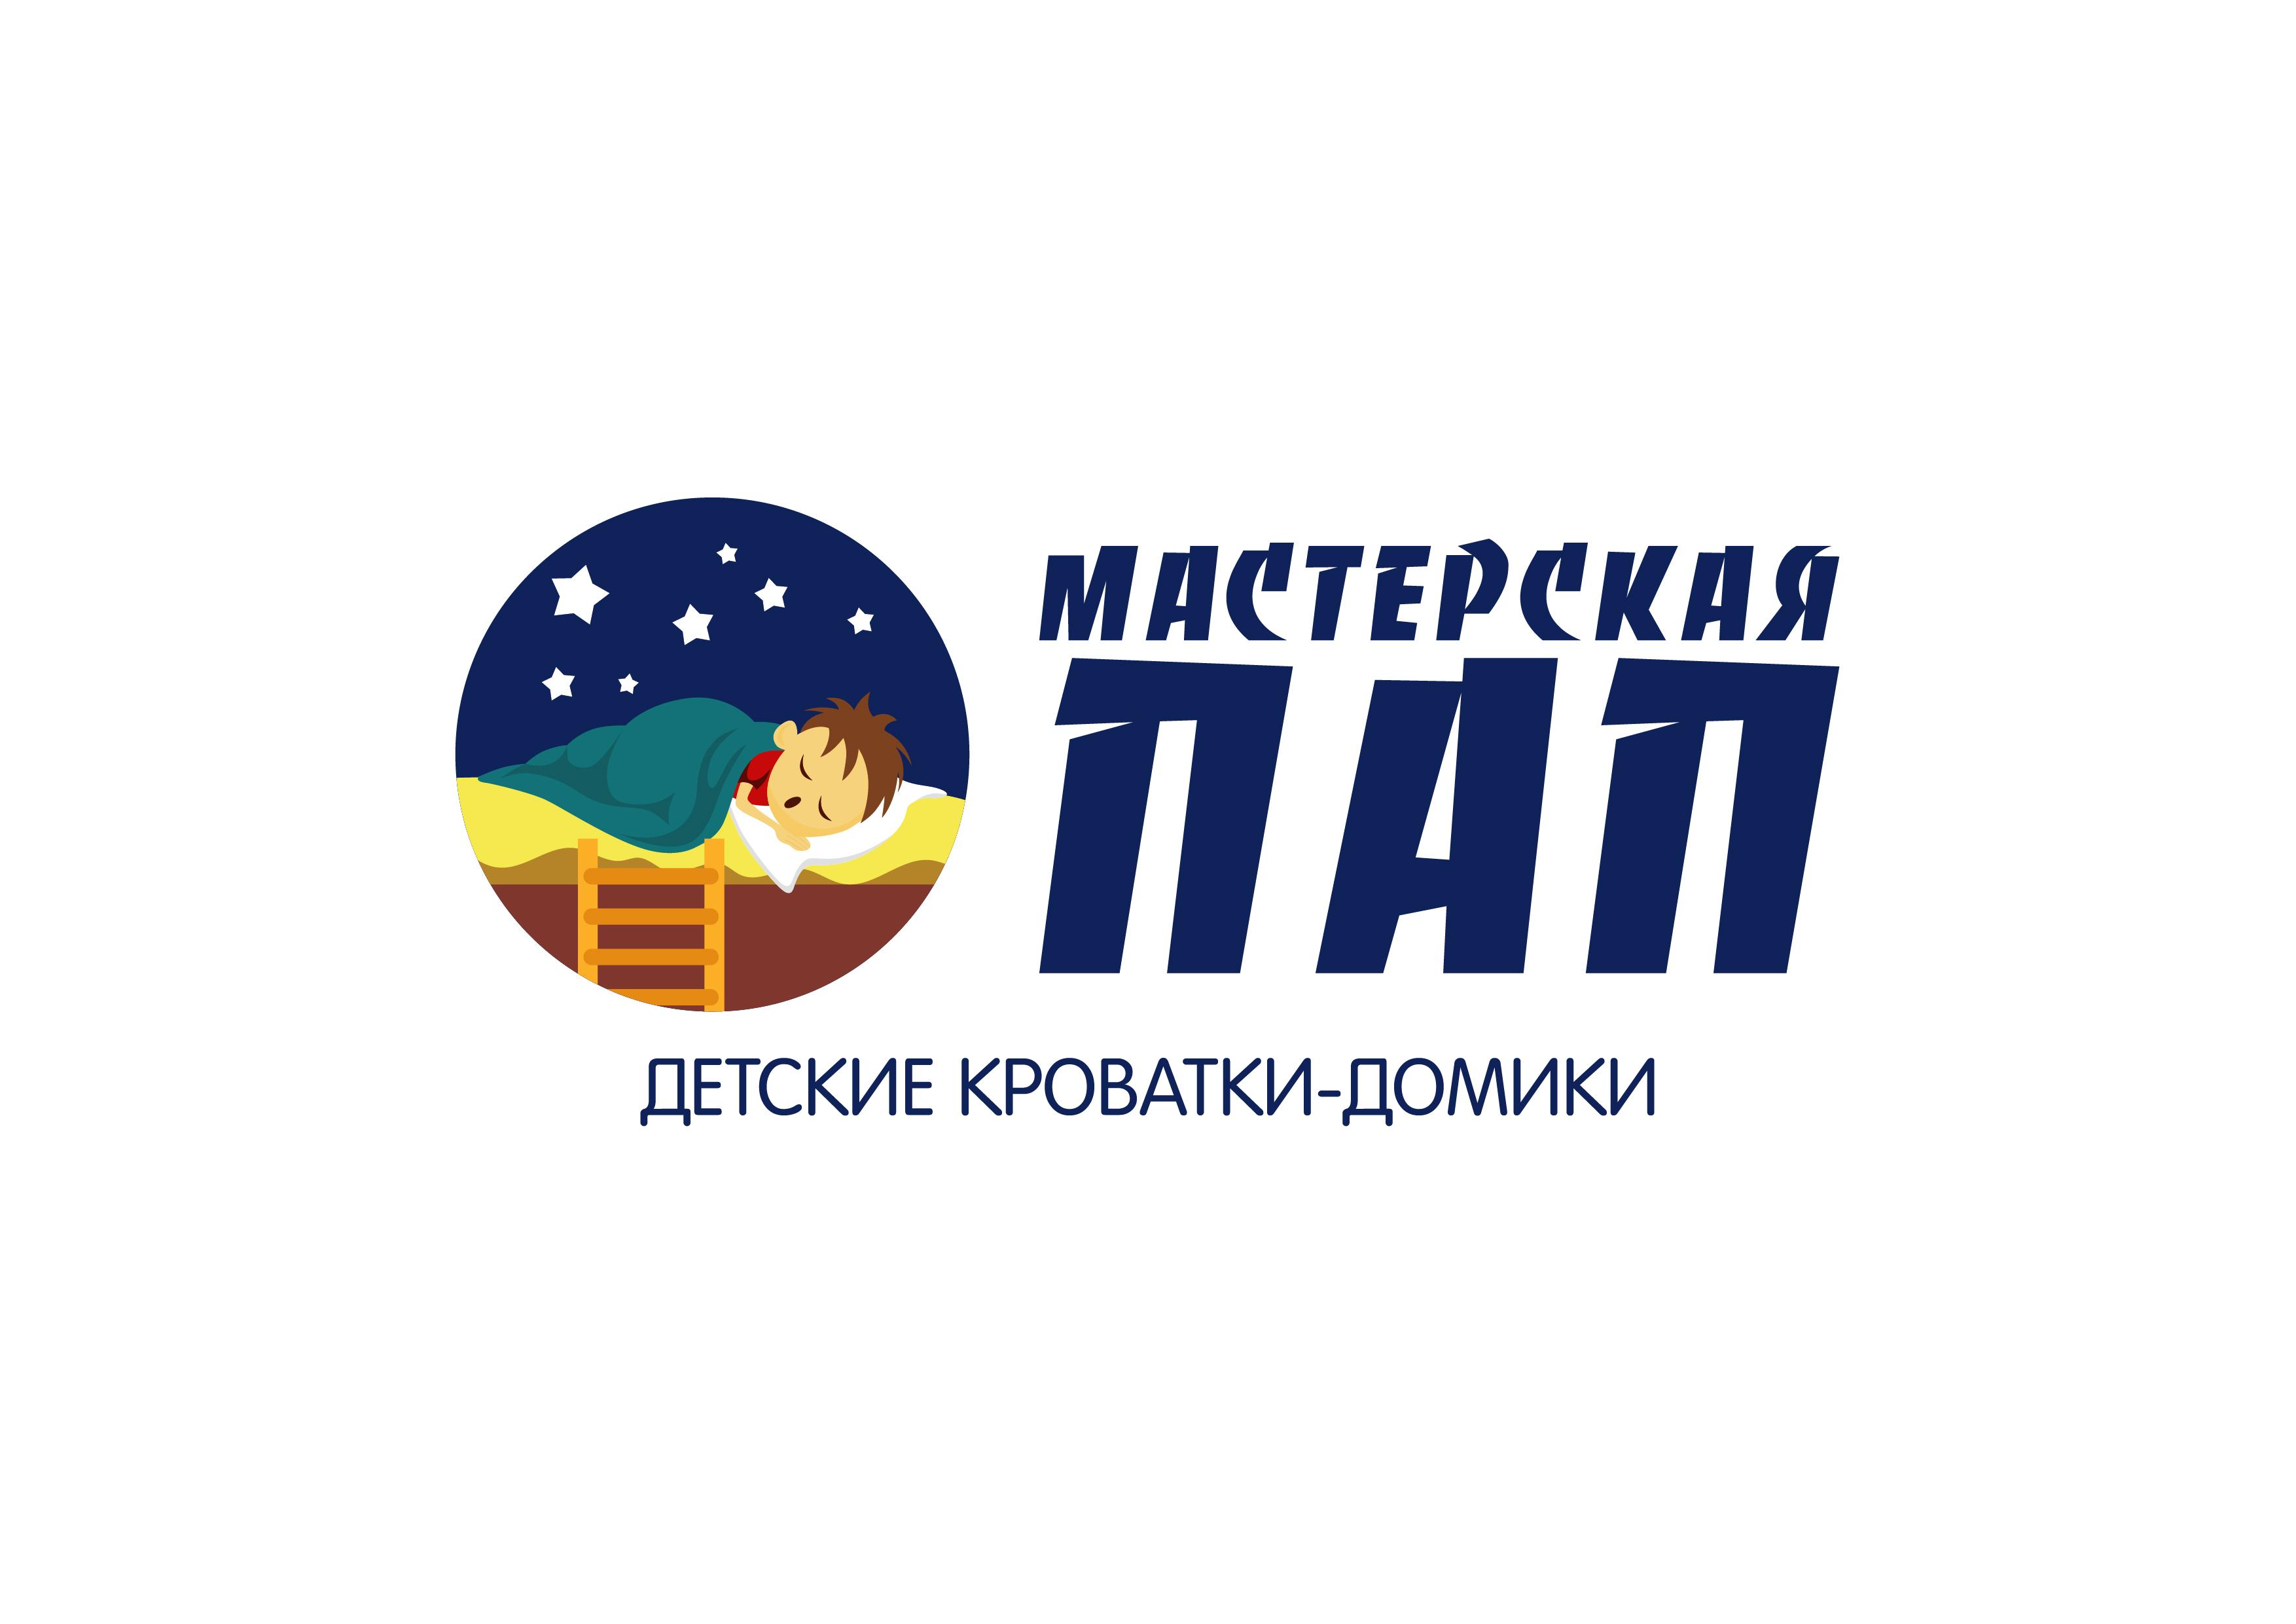 Разработка логотипа  фото f_8125aad01eddc5b6.jpg